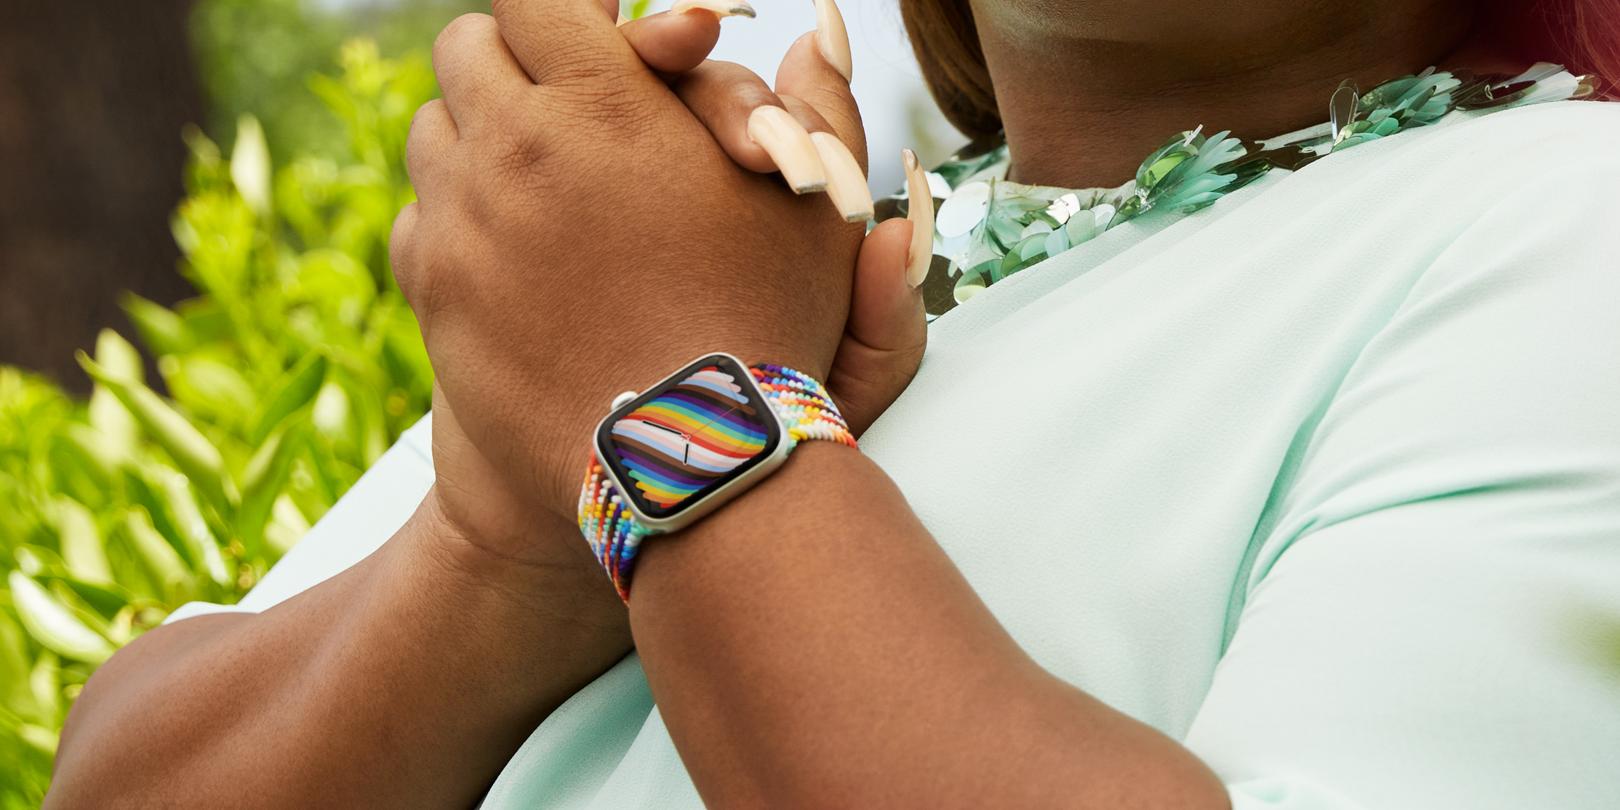 6 月同志驕傲月:Apple Watch 推全新彩虹版錶帶